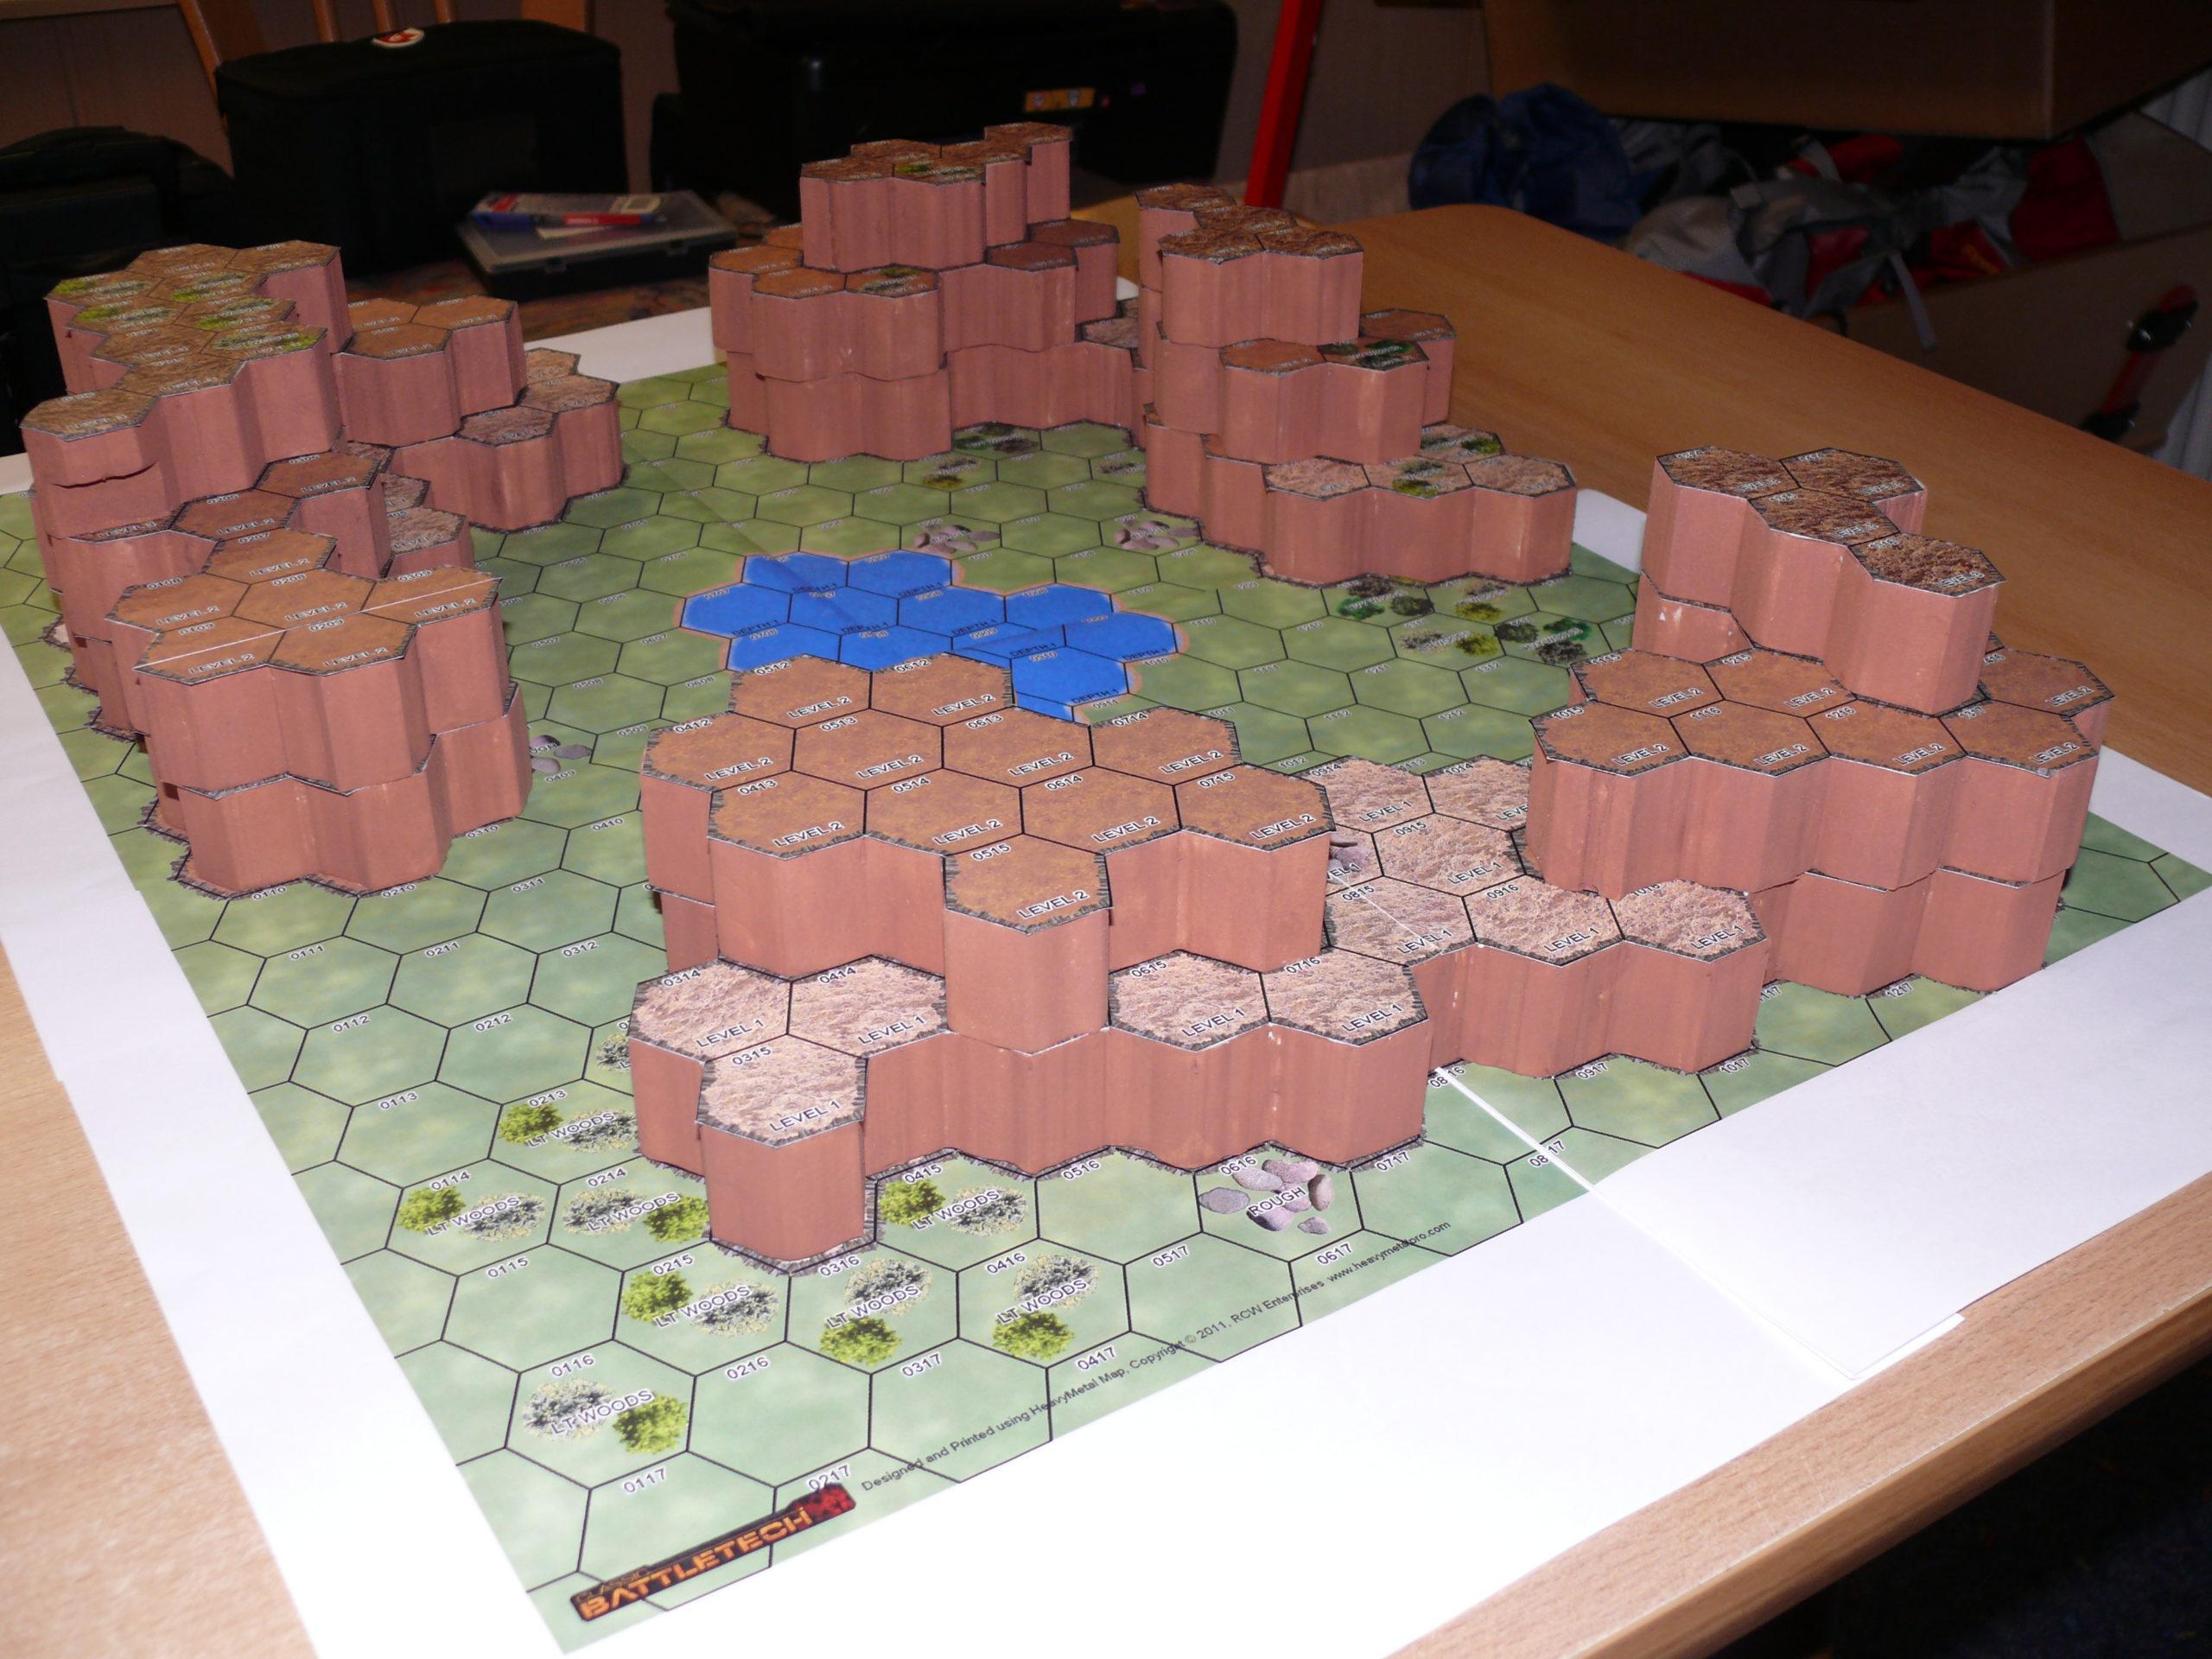 Tutorial: Bau eines 3D-Geländes auf Standard-BT-Hex-Karten